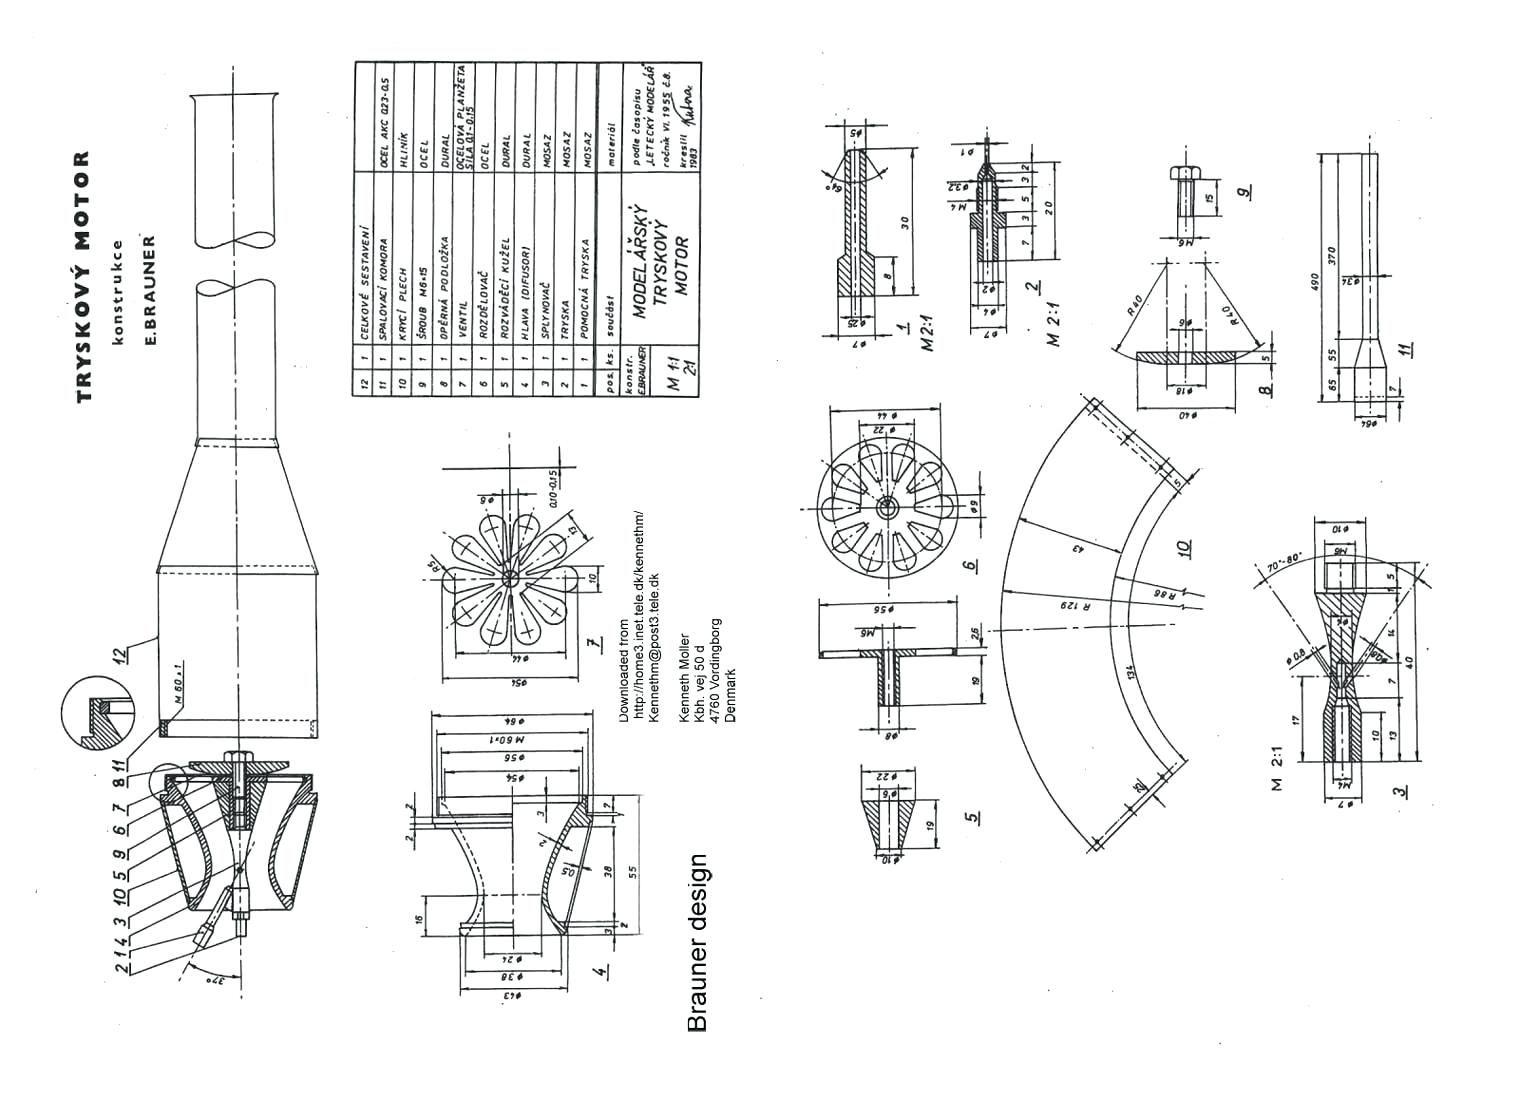 diagram jet engine parts diagram [ 1520 x 1100 Pixel ]